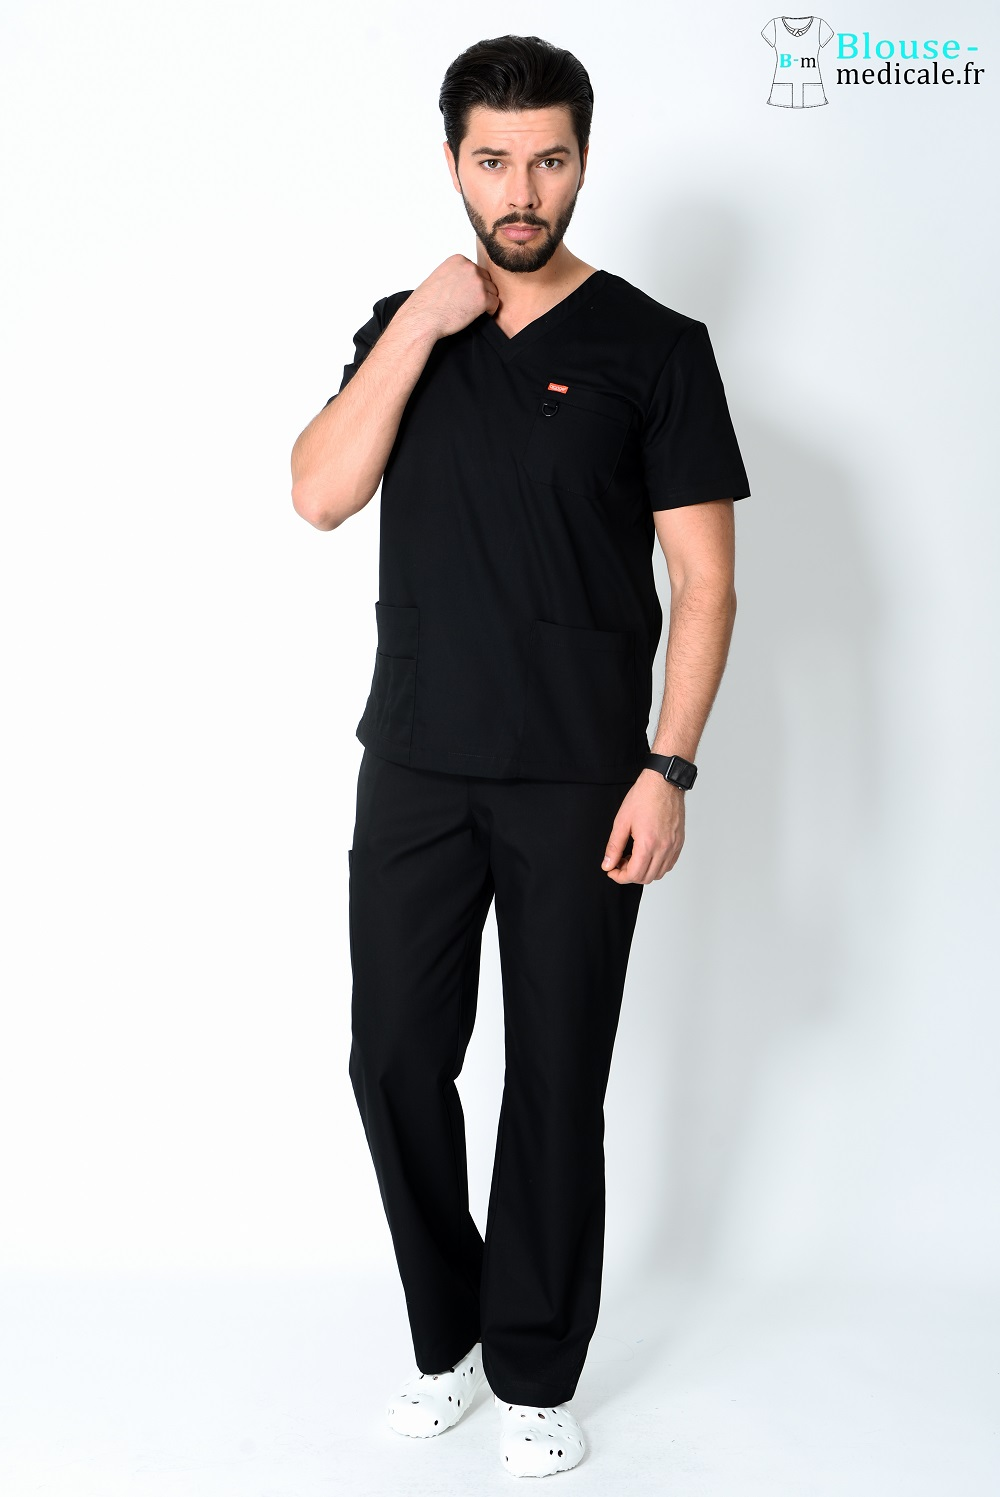 tenue médicale homme couleur pas cher tenue vétérinaire homme